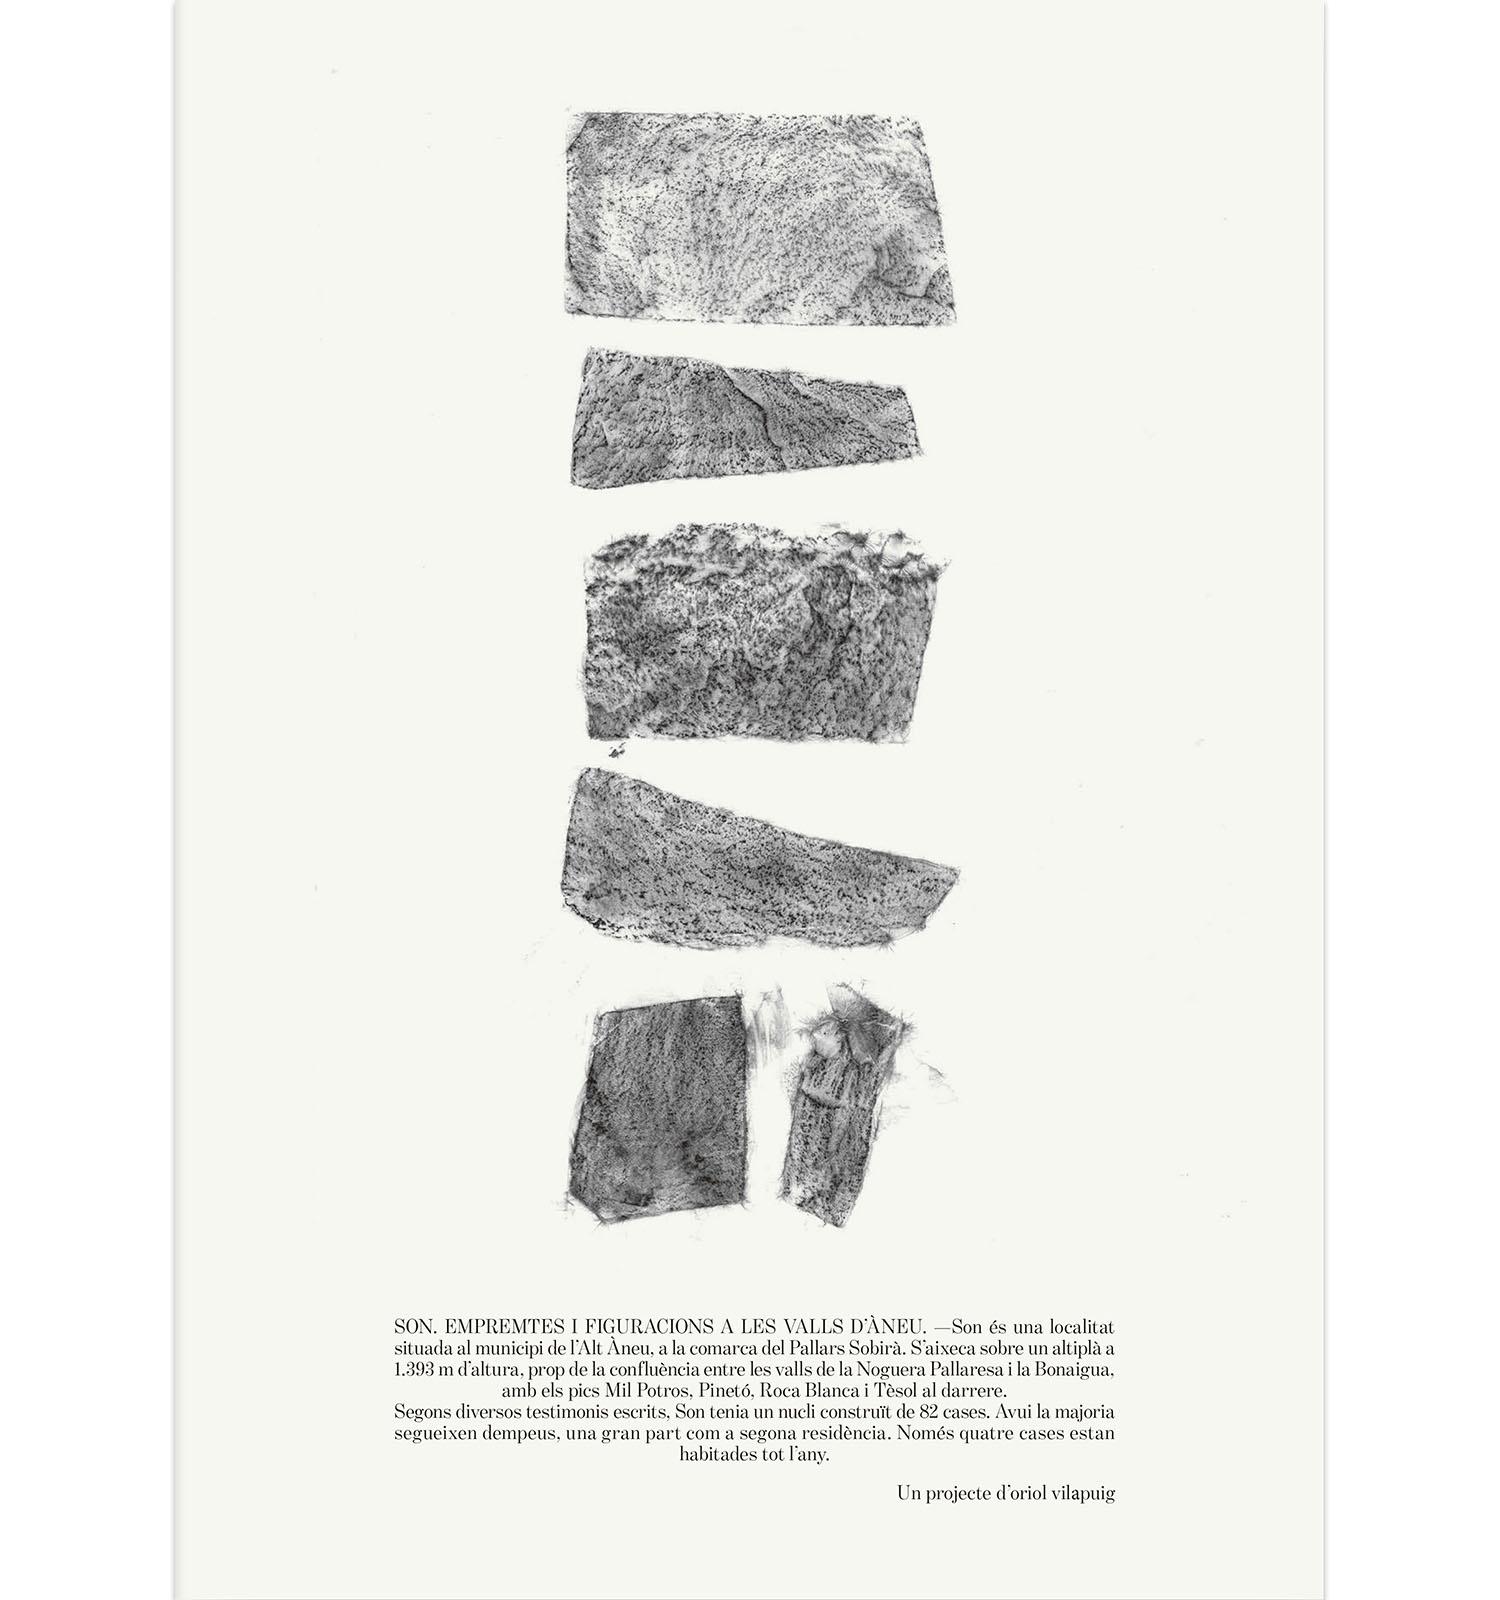 Coberta del llibre-catàleg de la intervenció d'oriol vilapuig al Museu Nacional